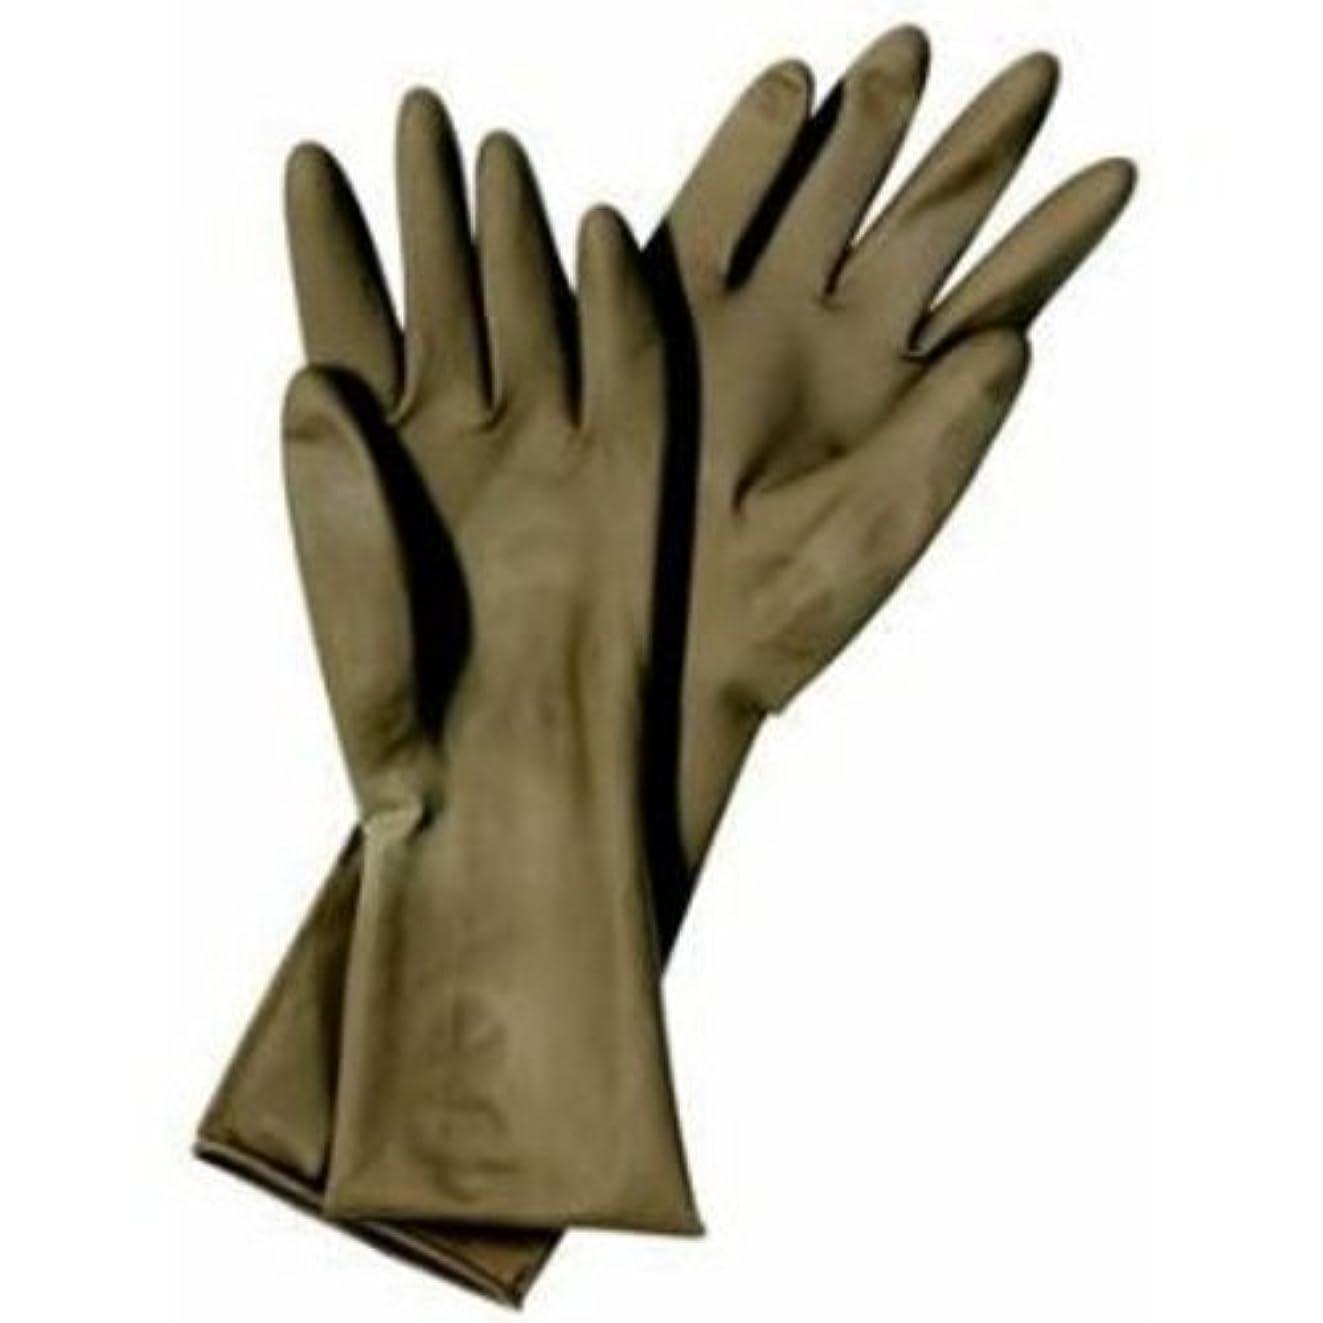 バリケード終わらせるではごきげんようマタドール ゴム手袋 7.5インチ